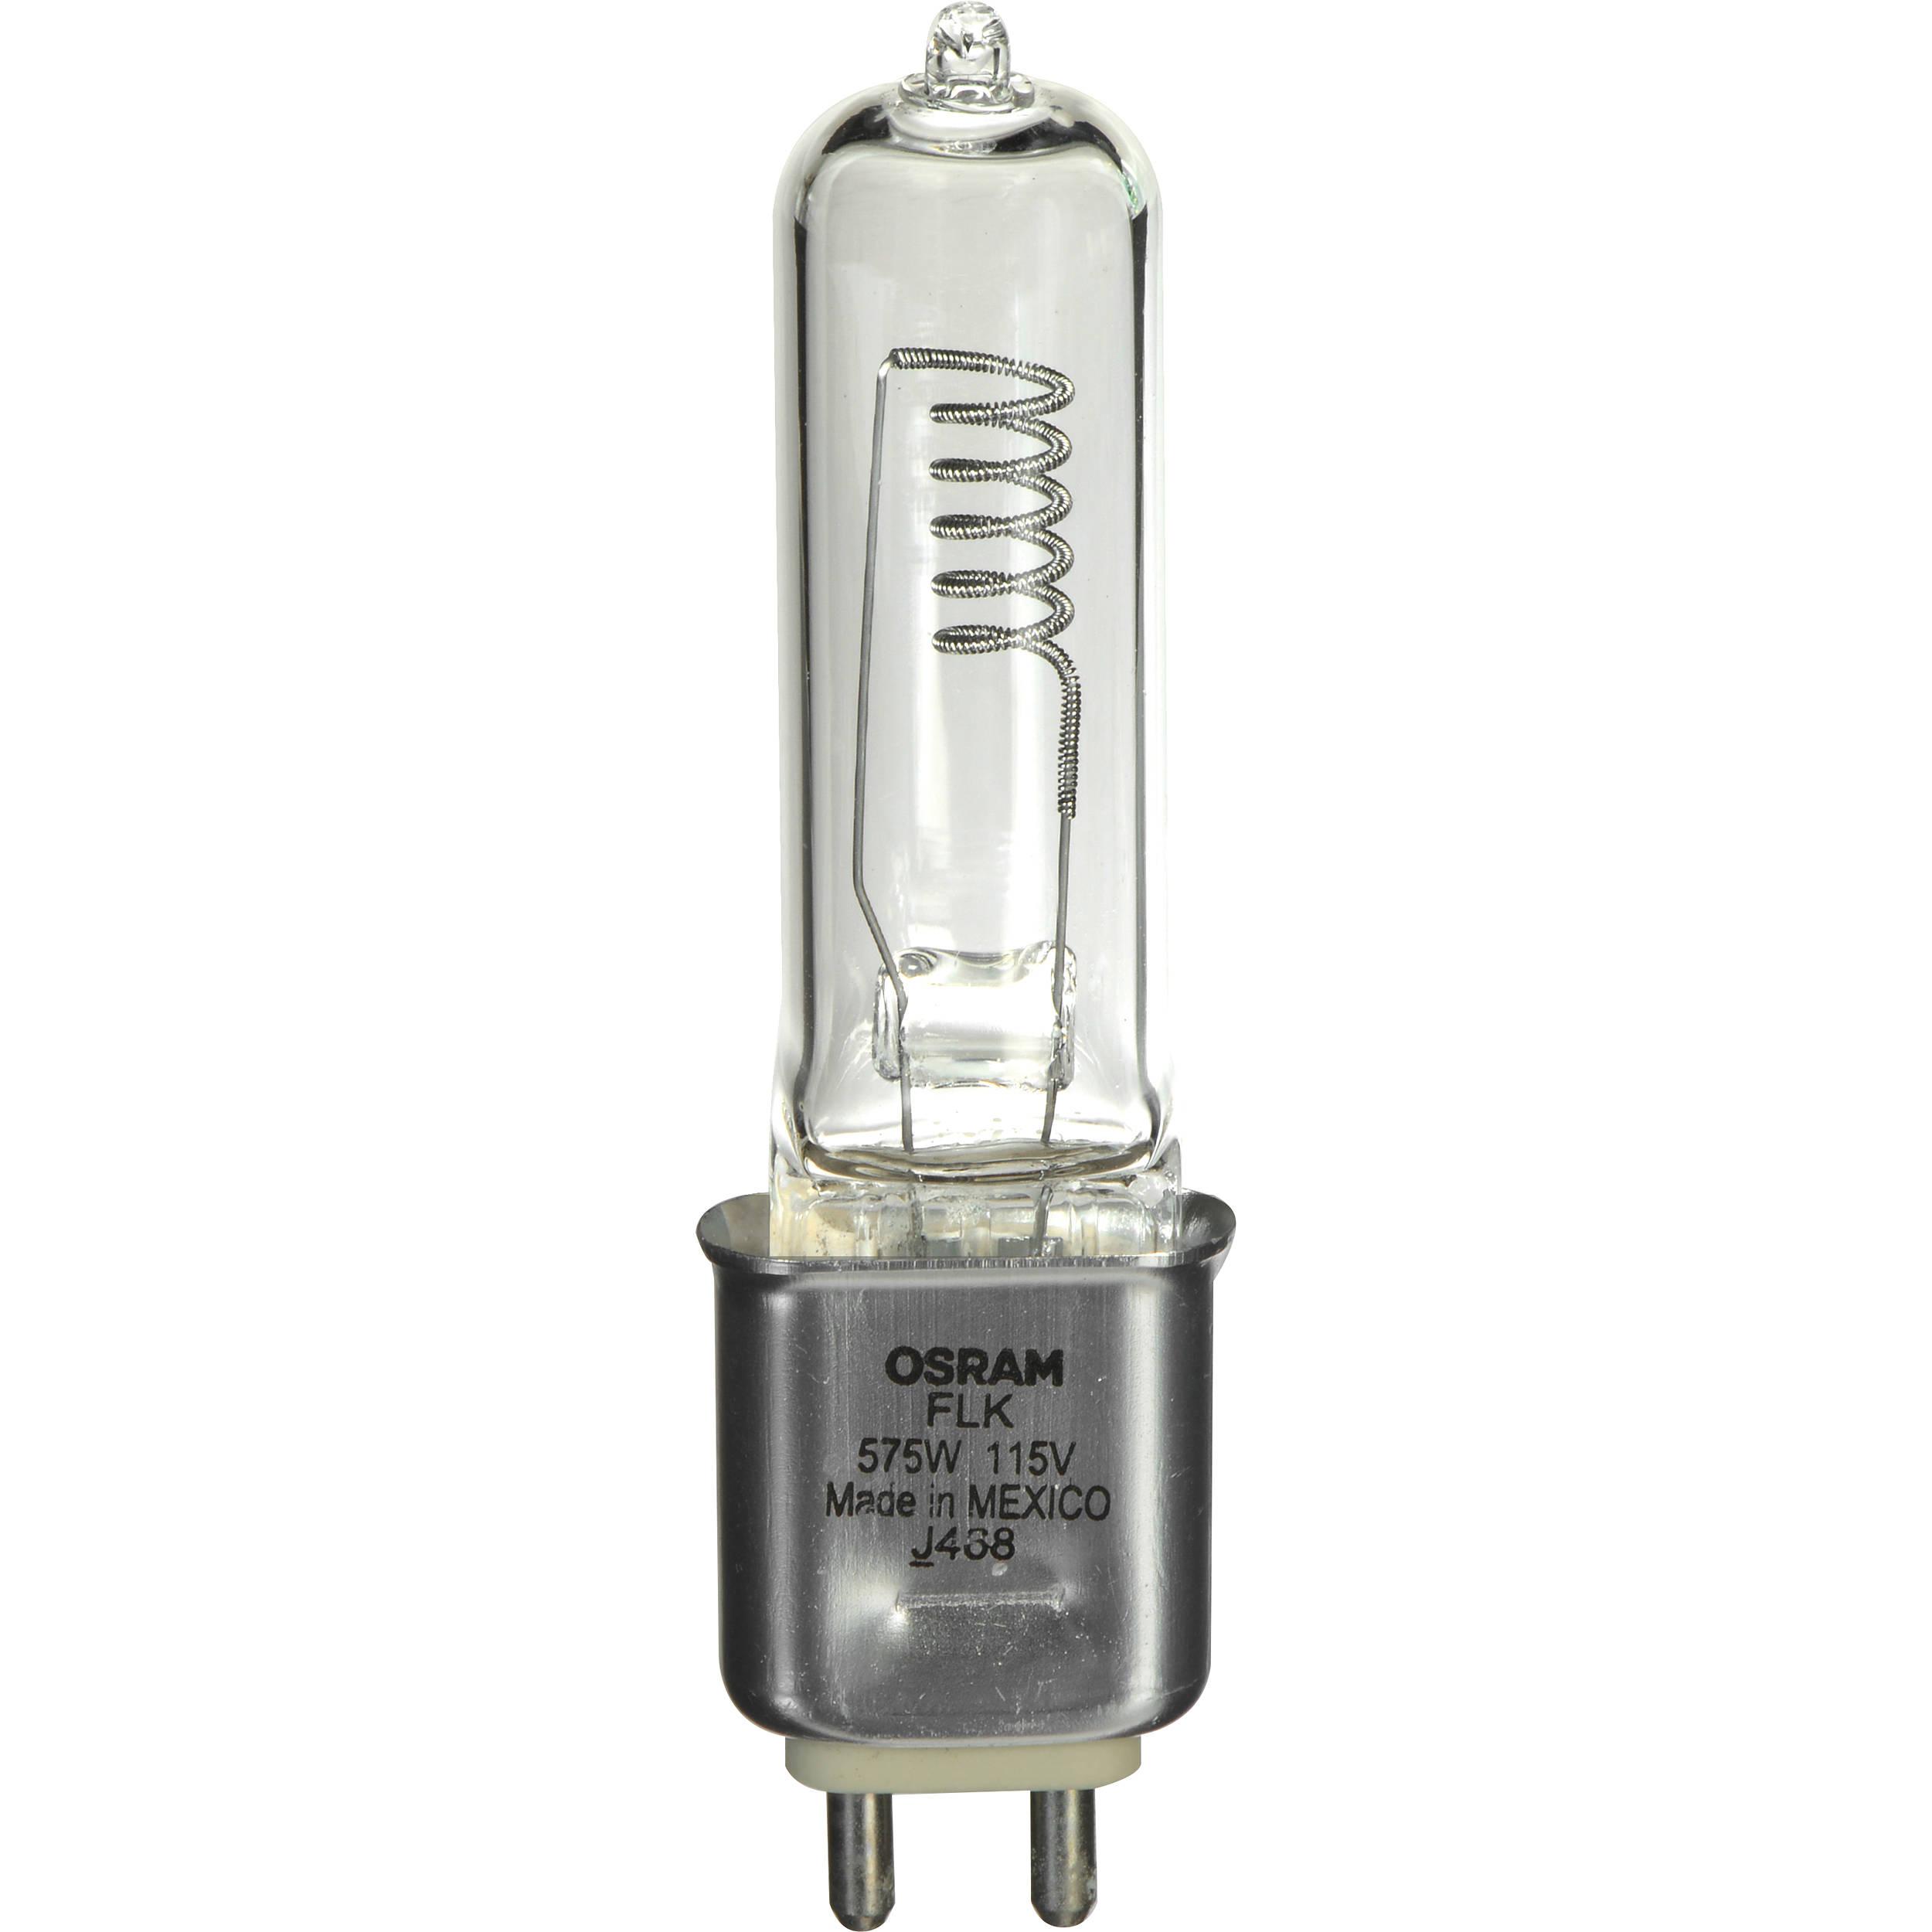 Sylvania / Osram FLK Halogen Lamp (115V, 575W)